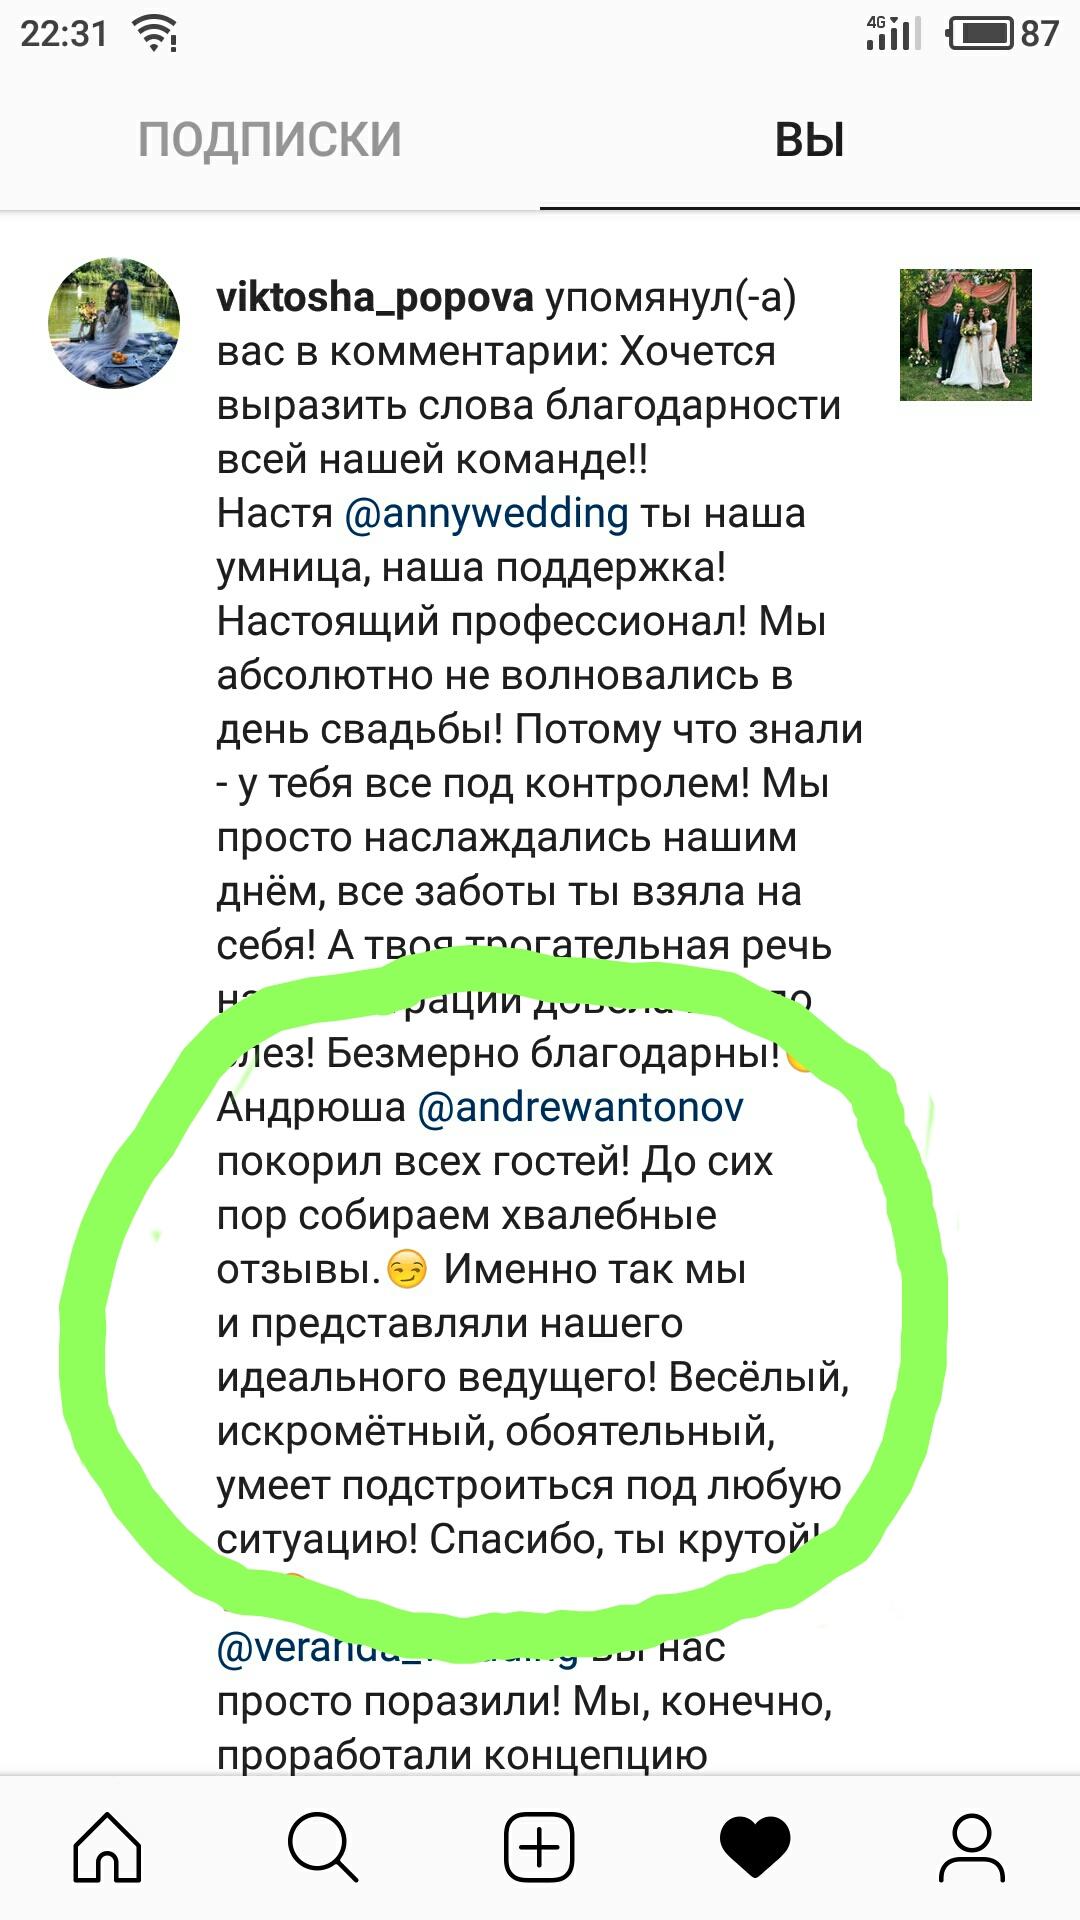 Андрей Антонов в Ростове-на-Дону